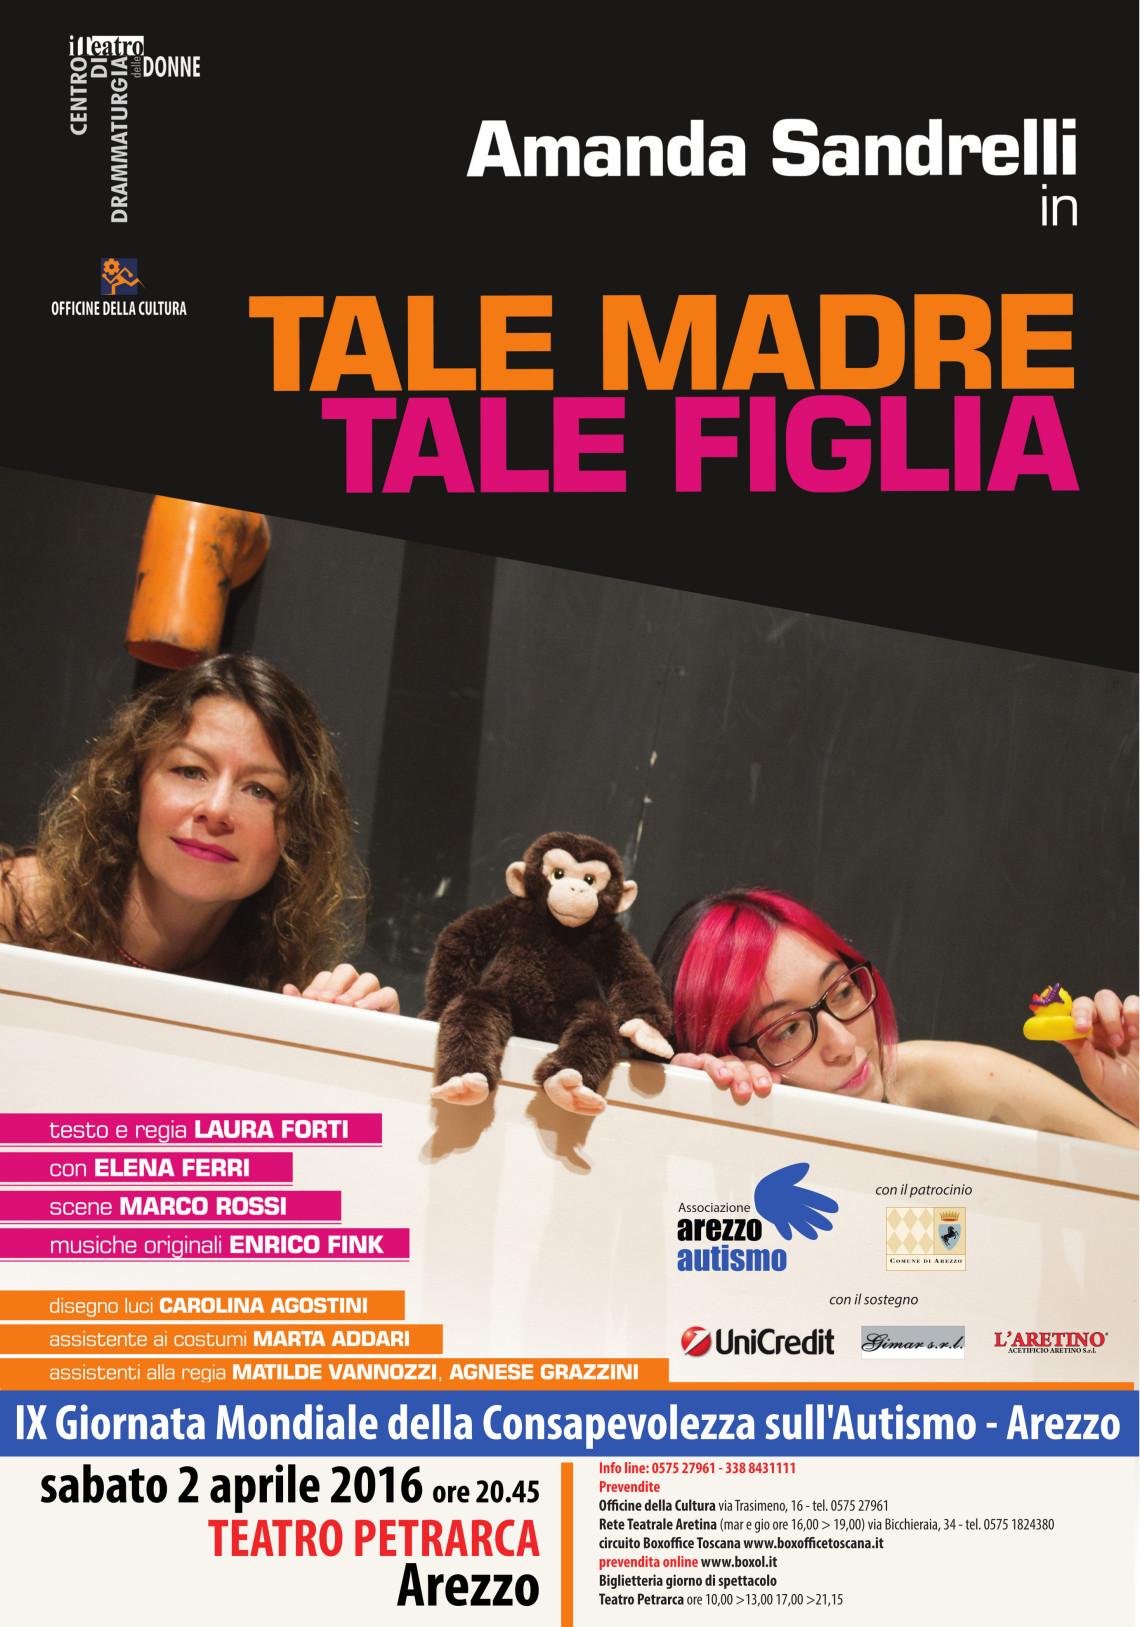 MANIFESTO TALE MADRE TALE FIGLIA_AUTISMO